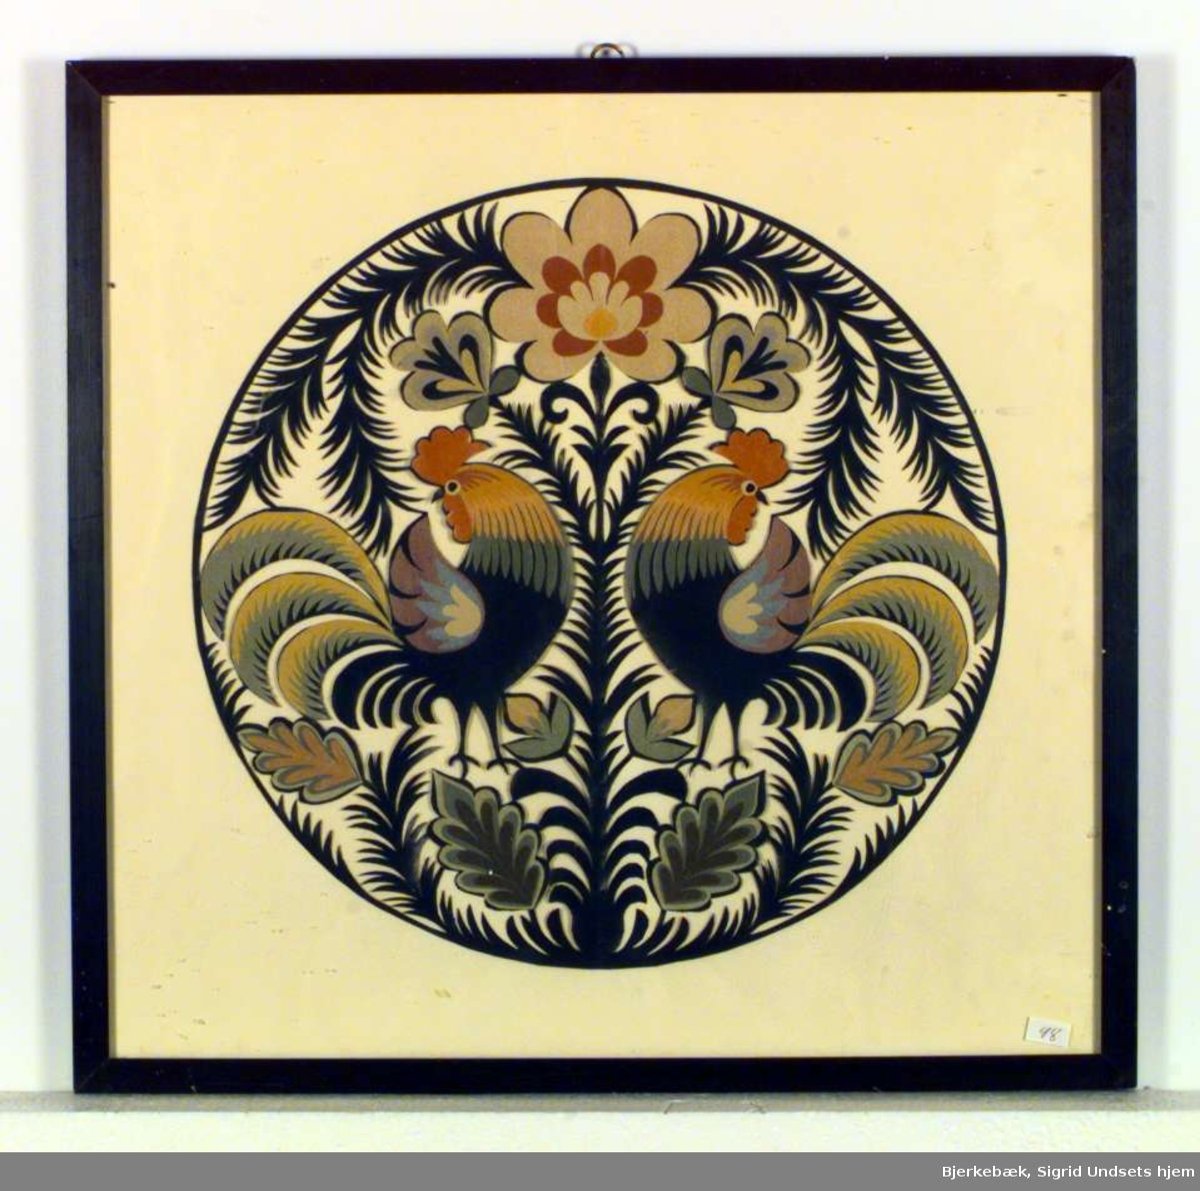 Utklippsbilde med to haner, blomster og grener.